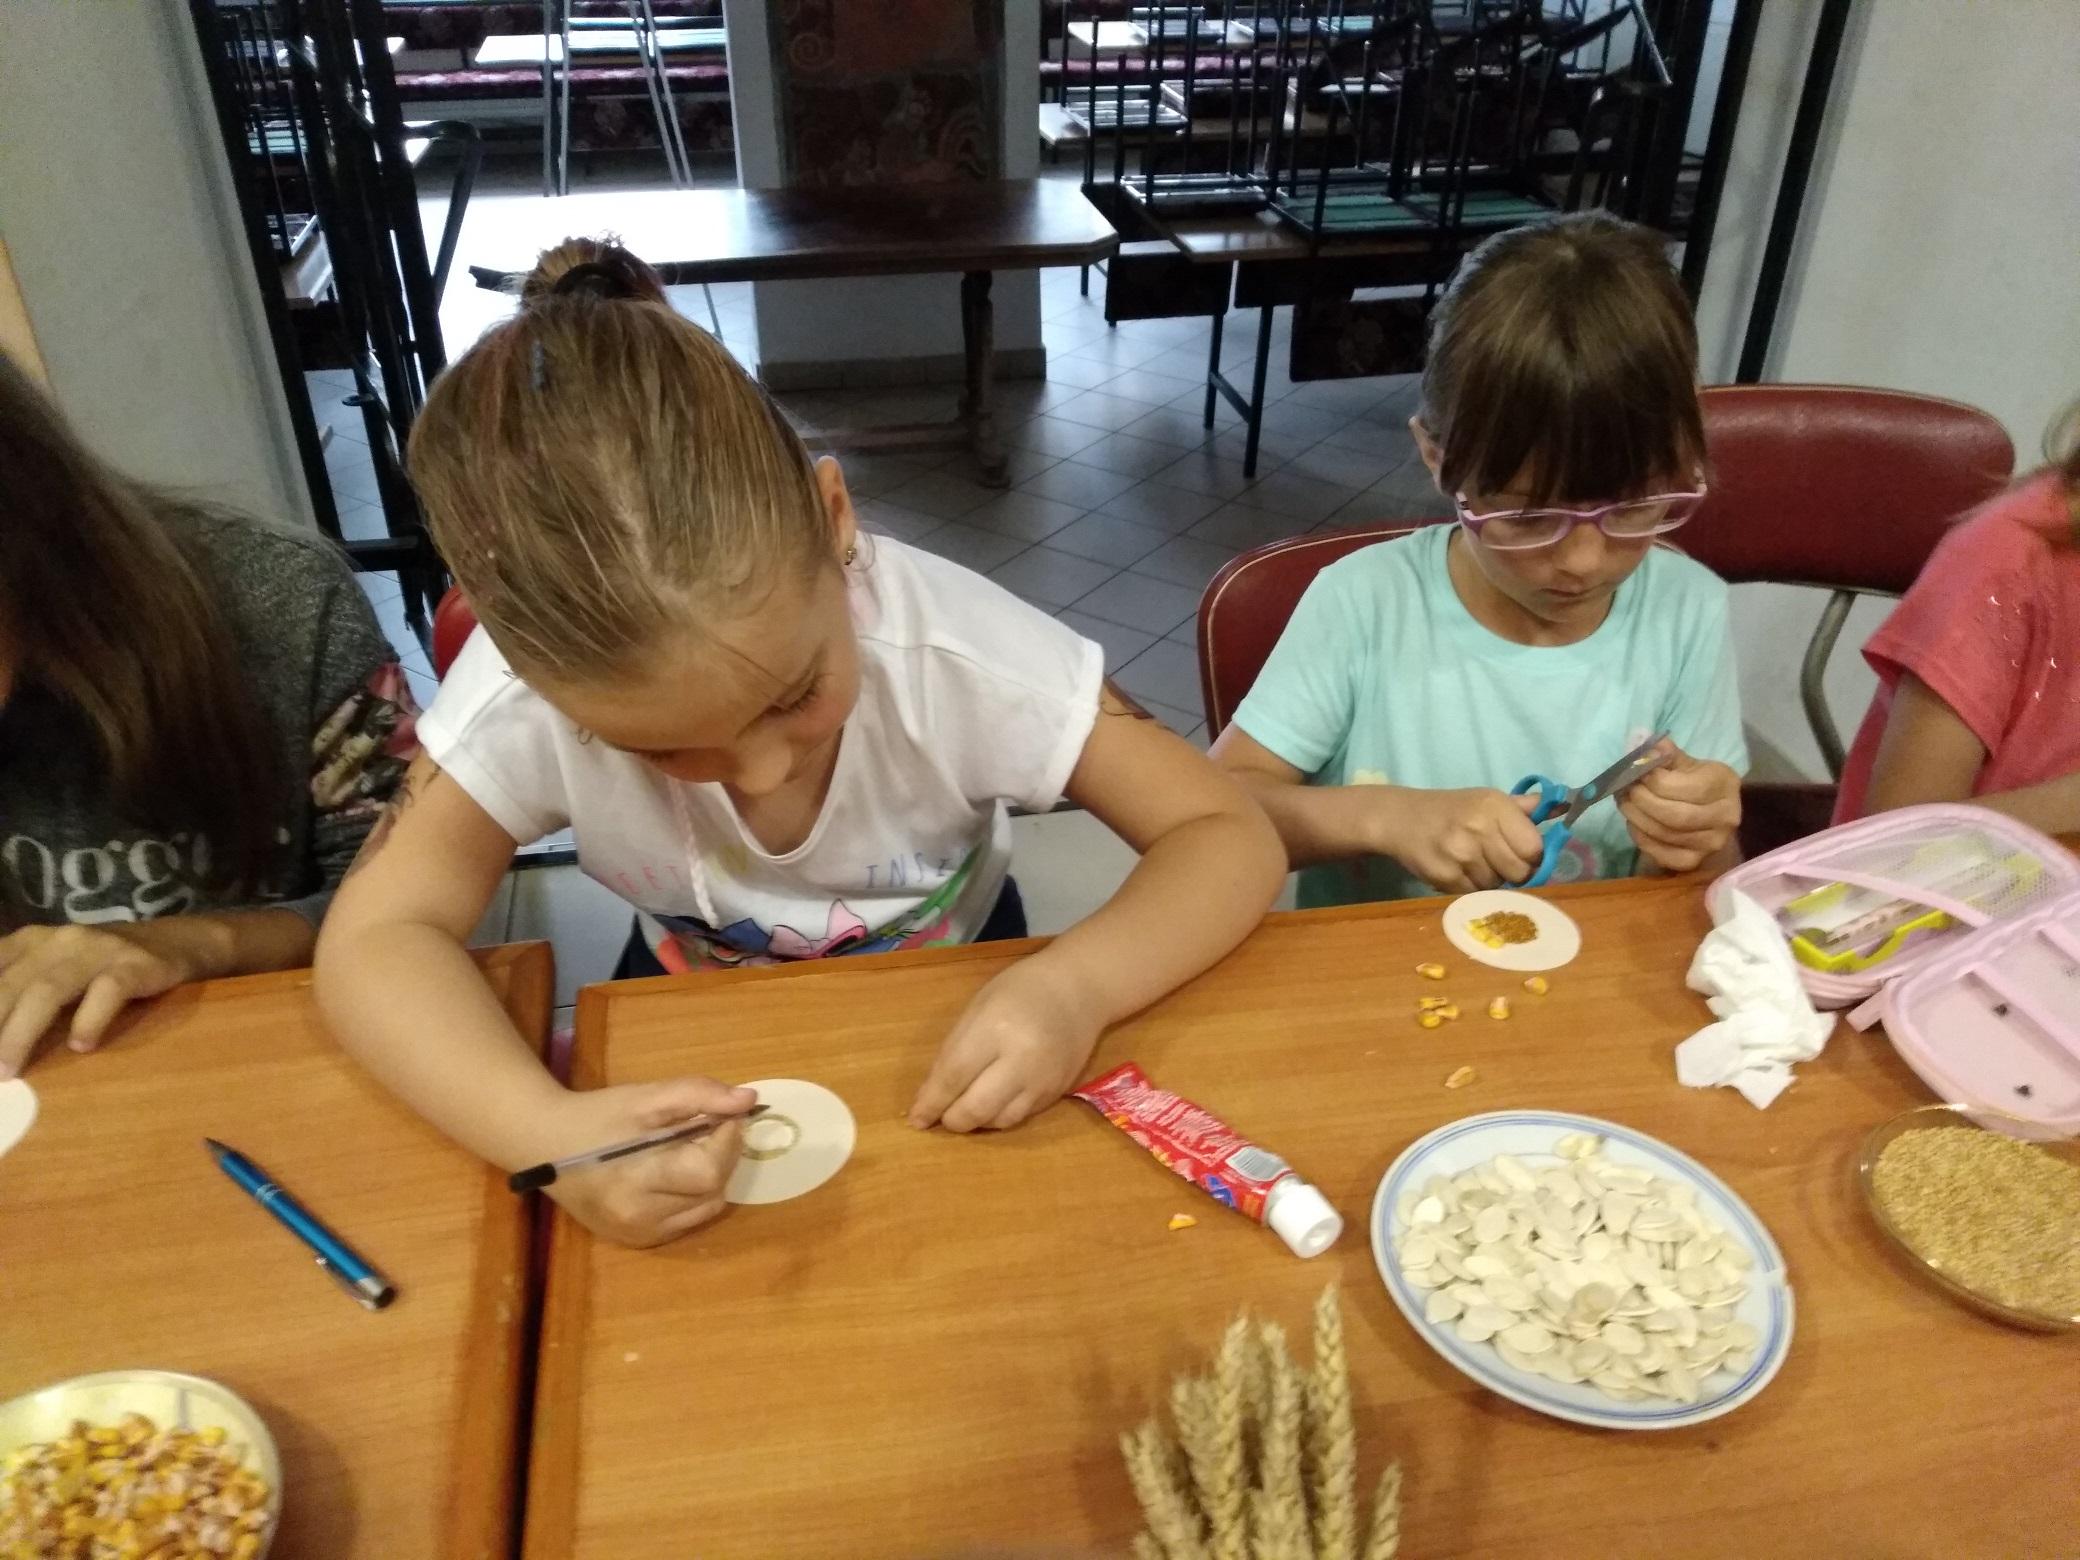 przy stole siedzą dwie dziewczynki. Na małych okrągłych karteczkach za pomocą różnego rodzaju ziaren tworzą wzory kwiatów